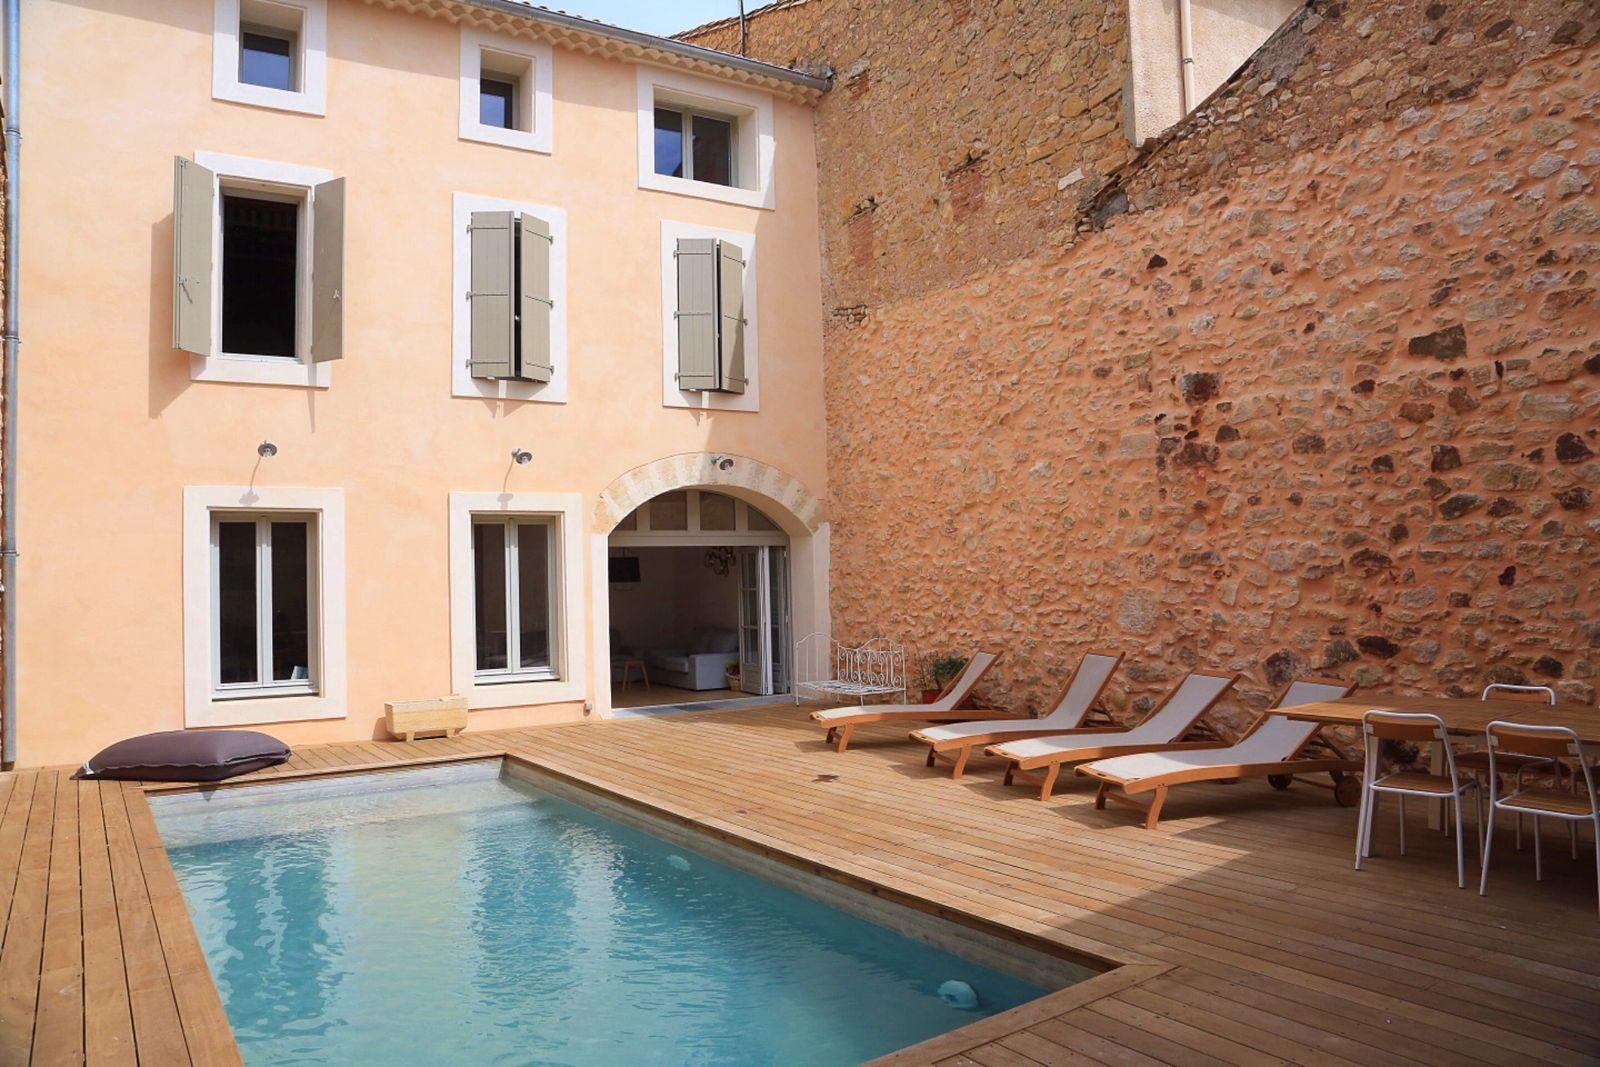 Loue maison de village avec piscine dans l'Hérault - 6chambres 12couchages